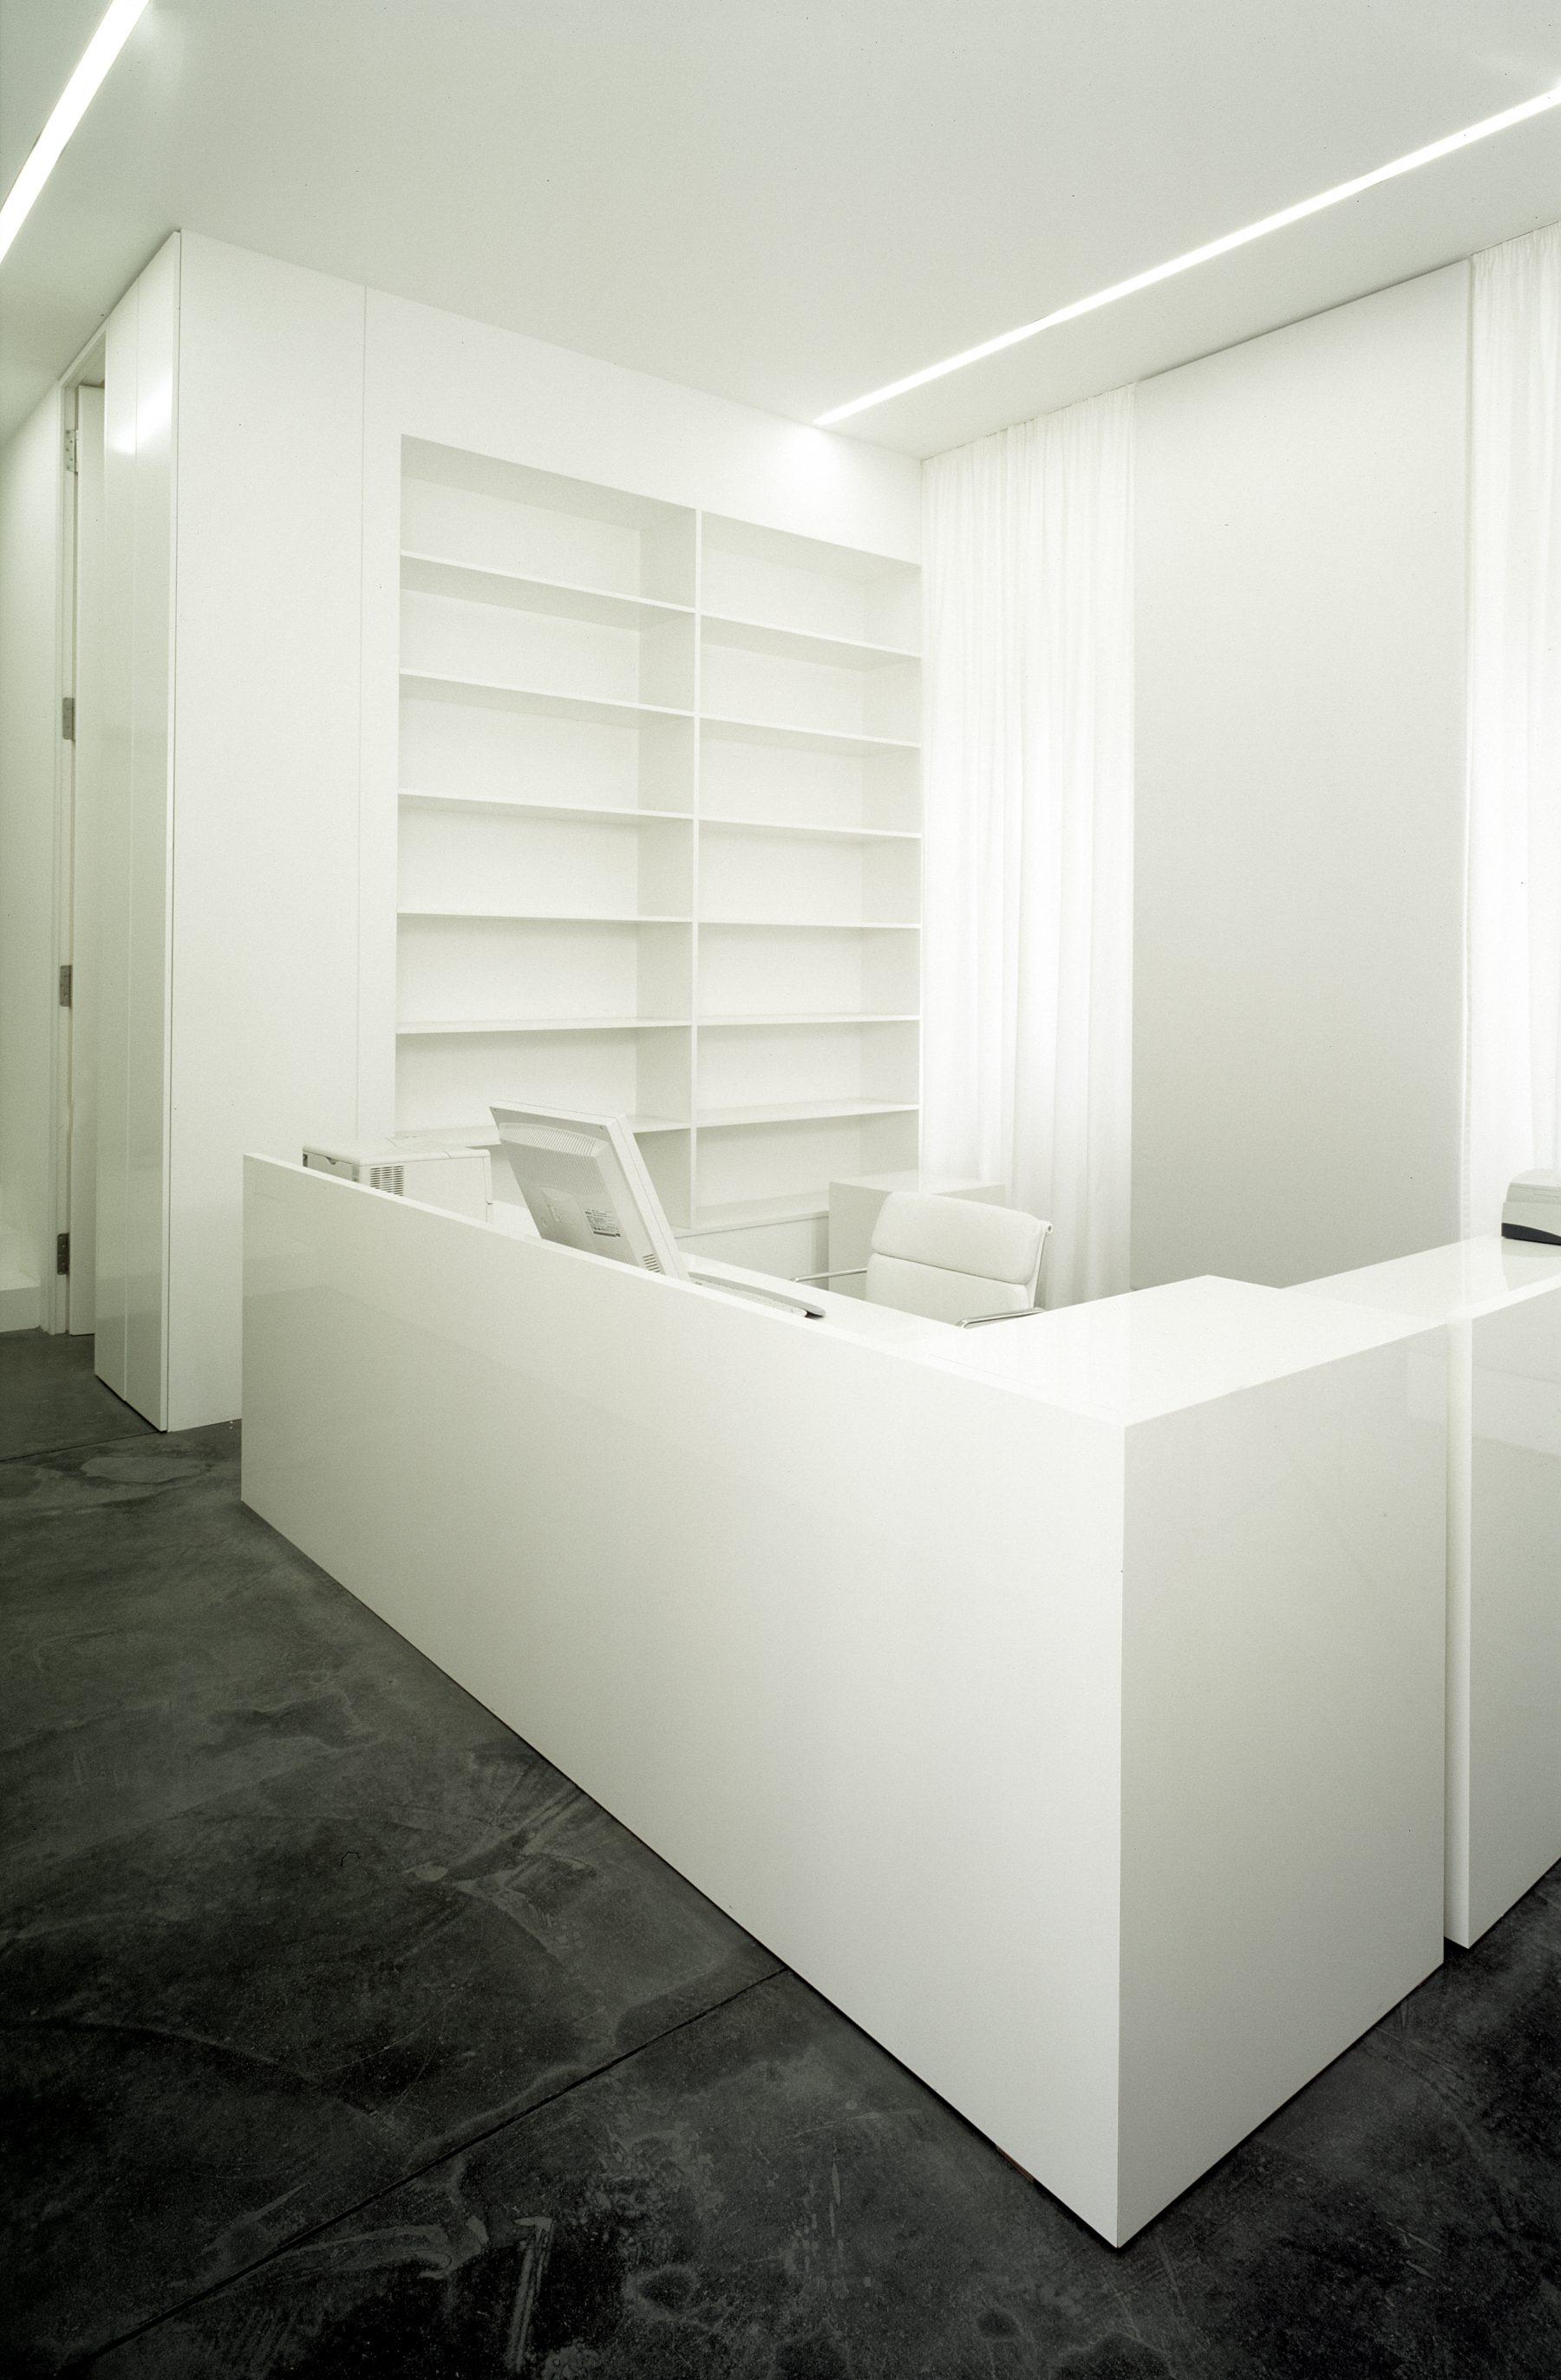 Galerie Nagel – Bundschuh Architekten